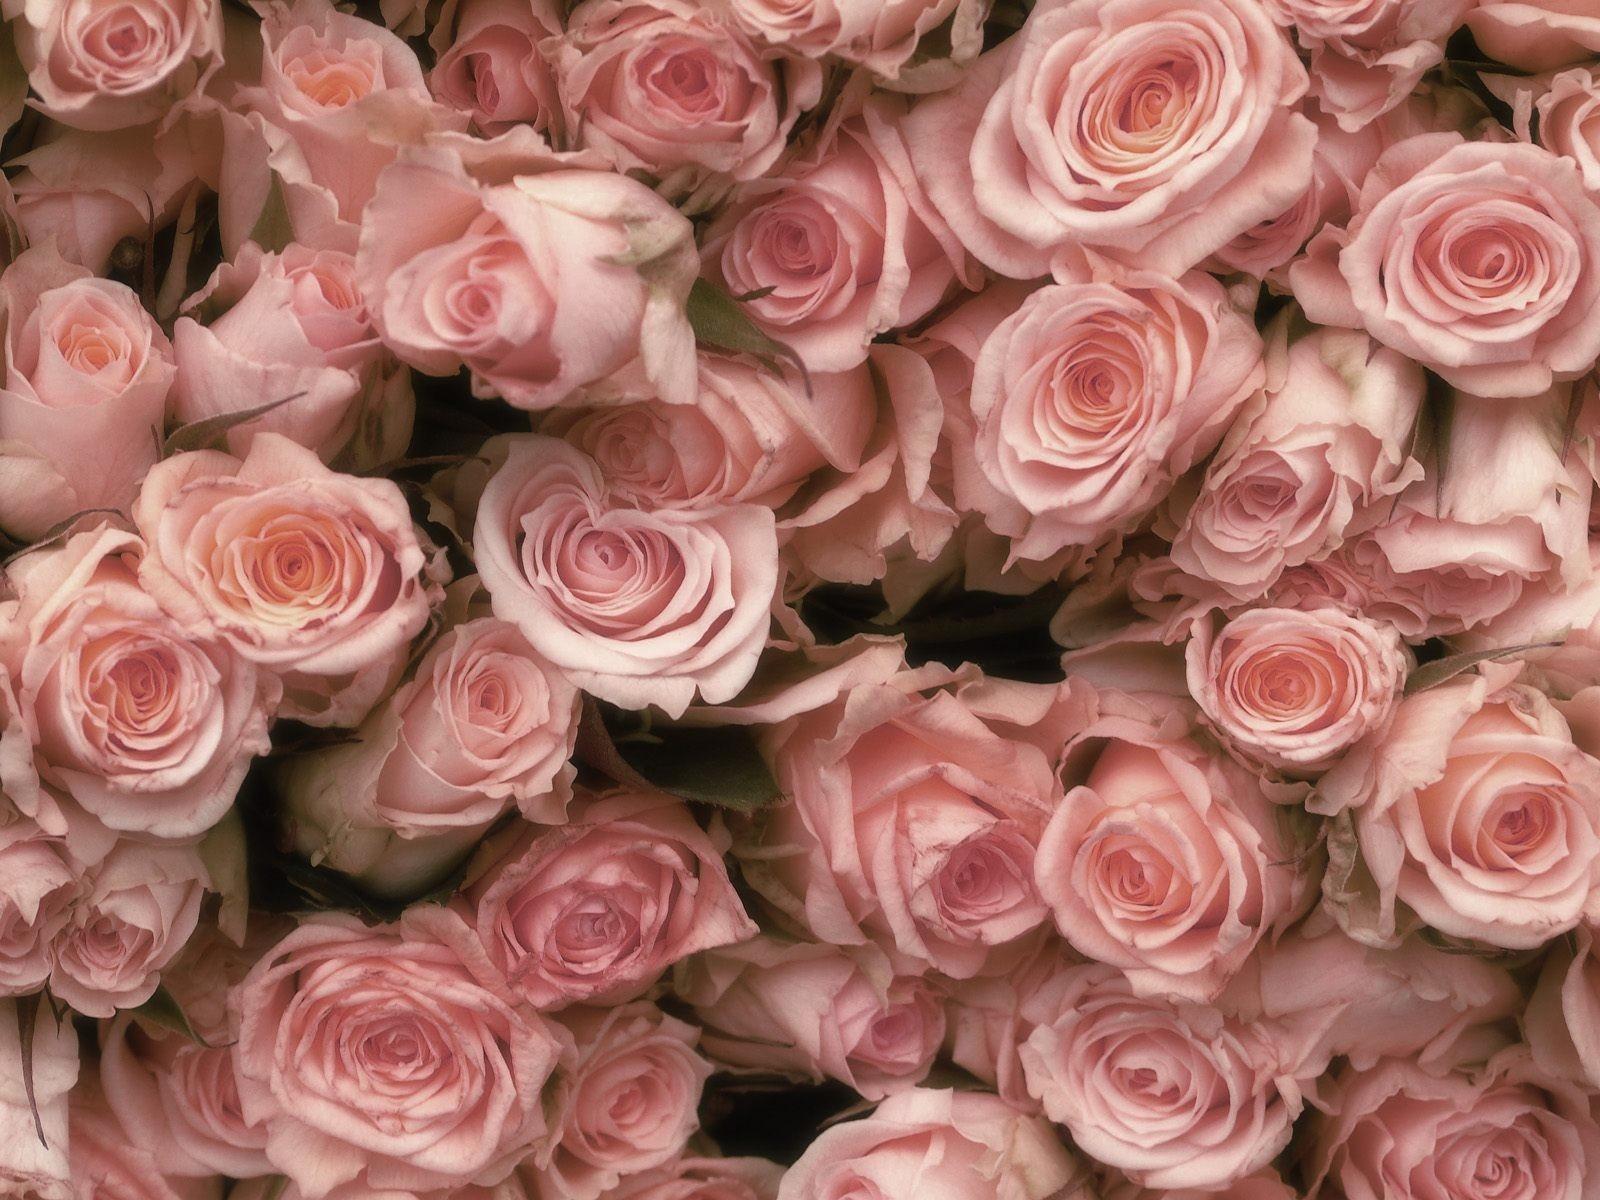 розовые розы обои на рабочий стол в высоком качестве № 130104  скачать